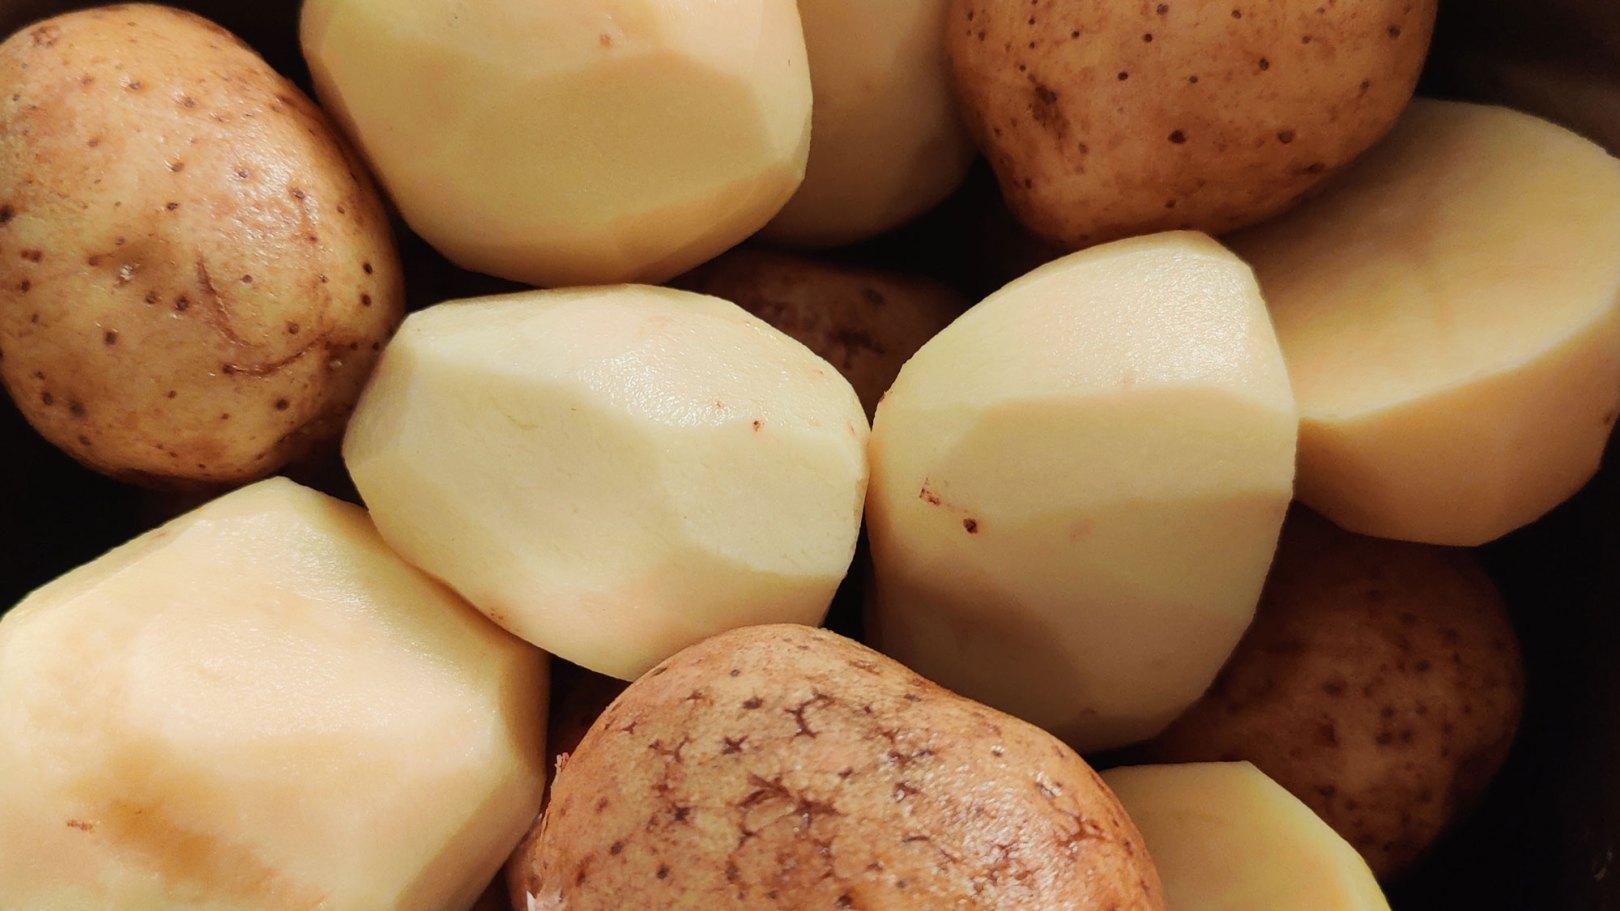 potato diet régime patate perte poids